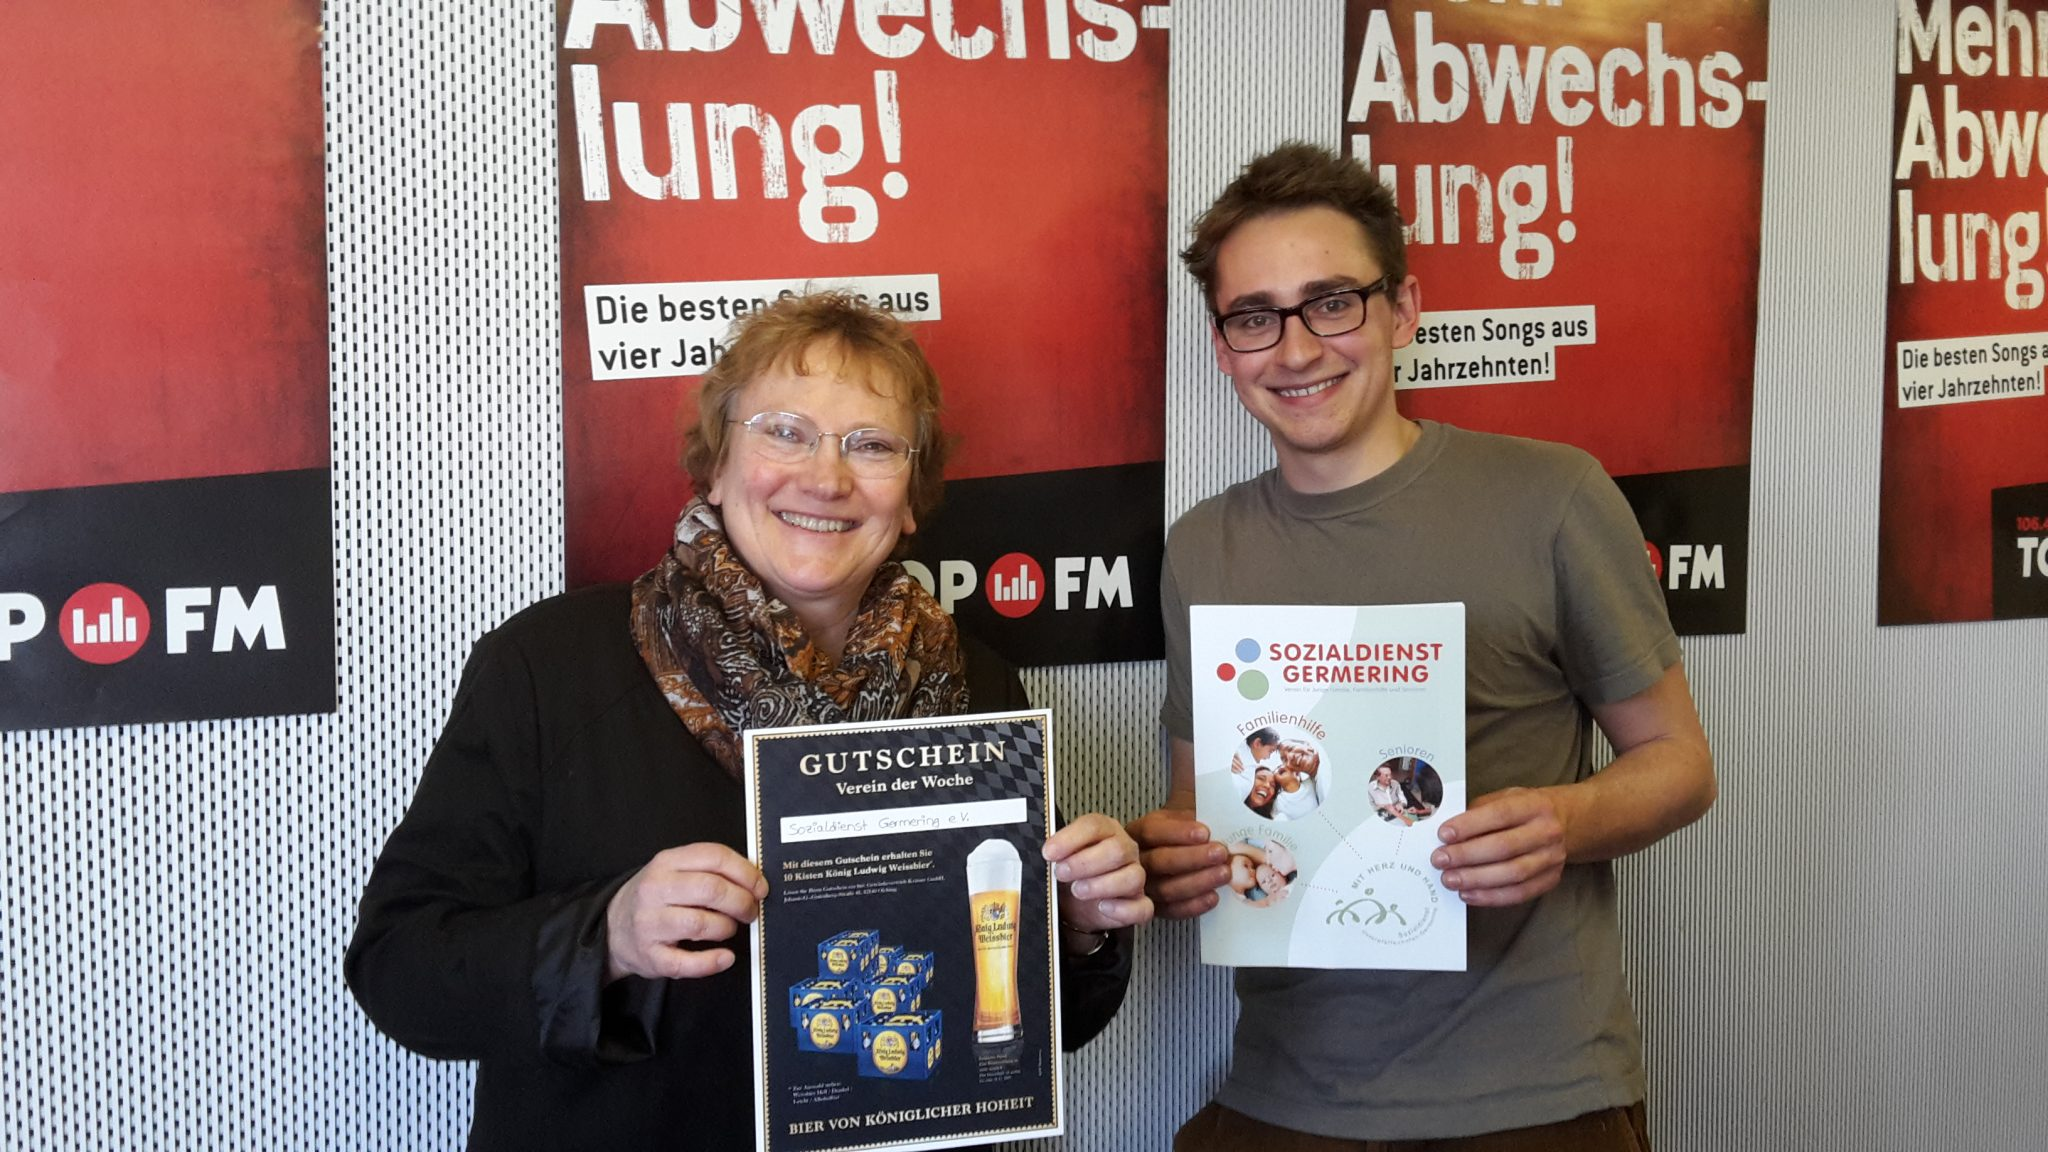 Geschäftsleiterin Sabine Brügel-Fritzen beim Interview mit Redakteur David Boos bei der Ernennung zum Verein der Woche durch TOPFM